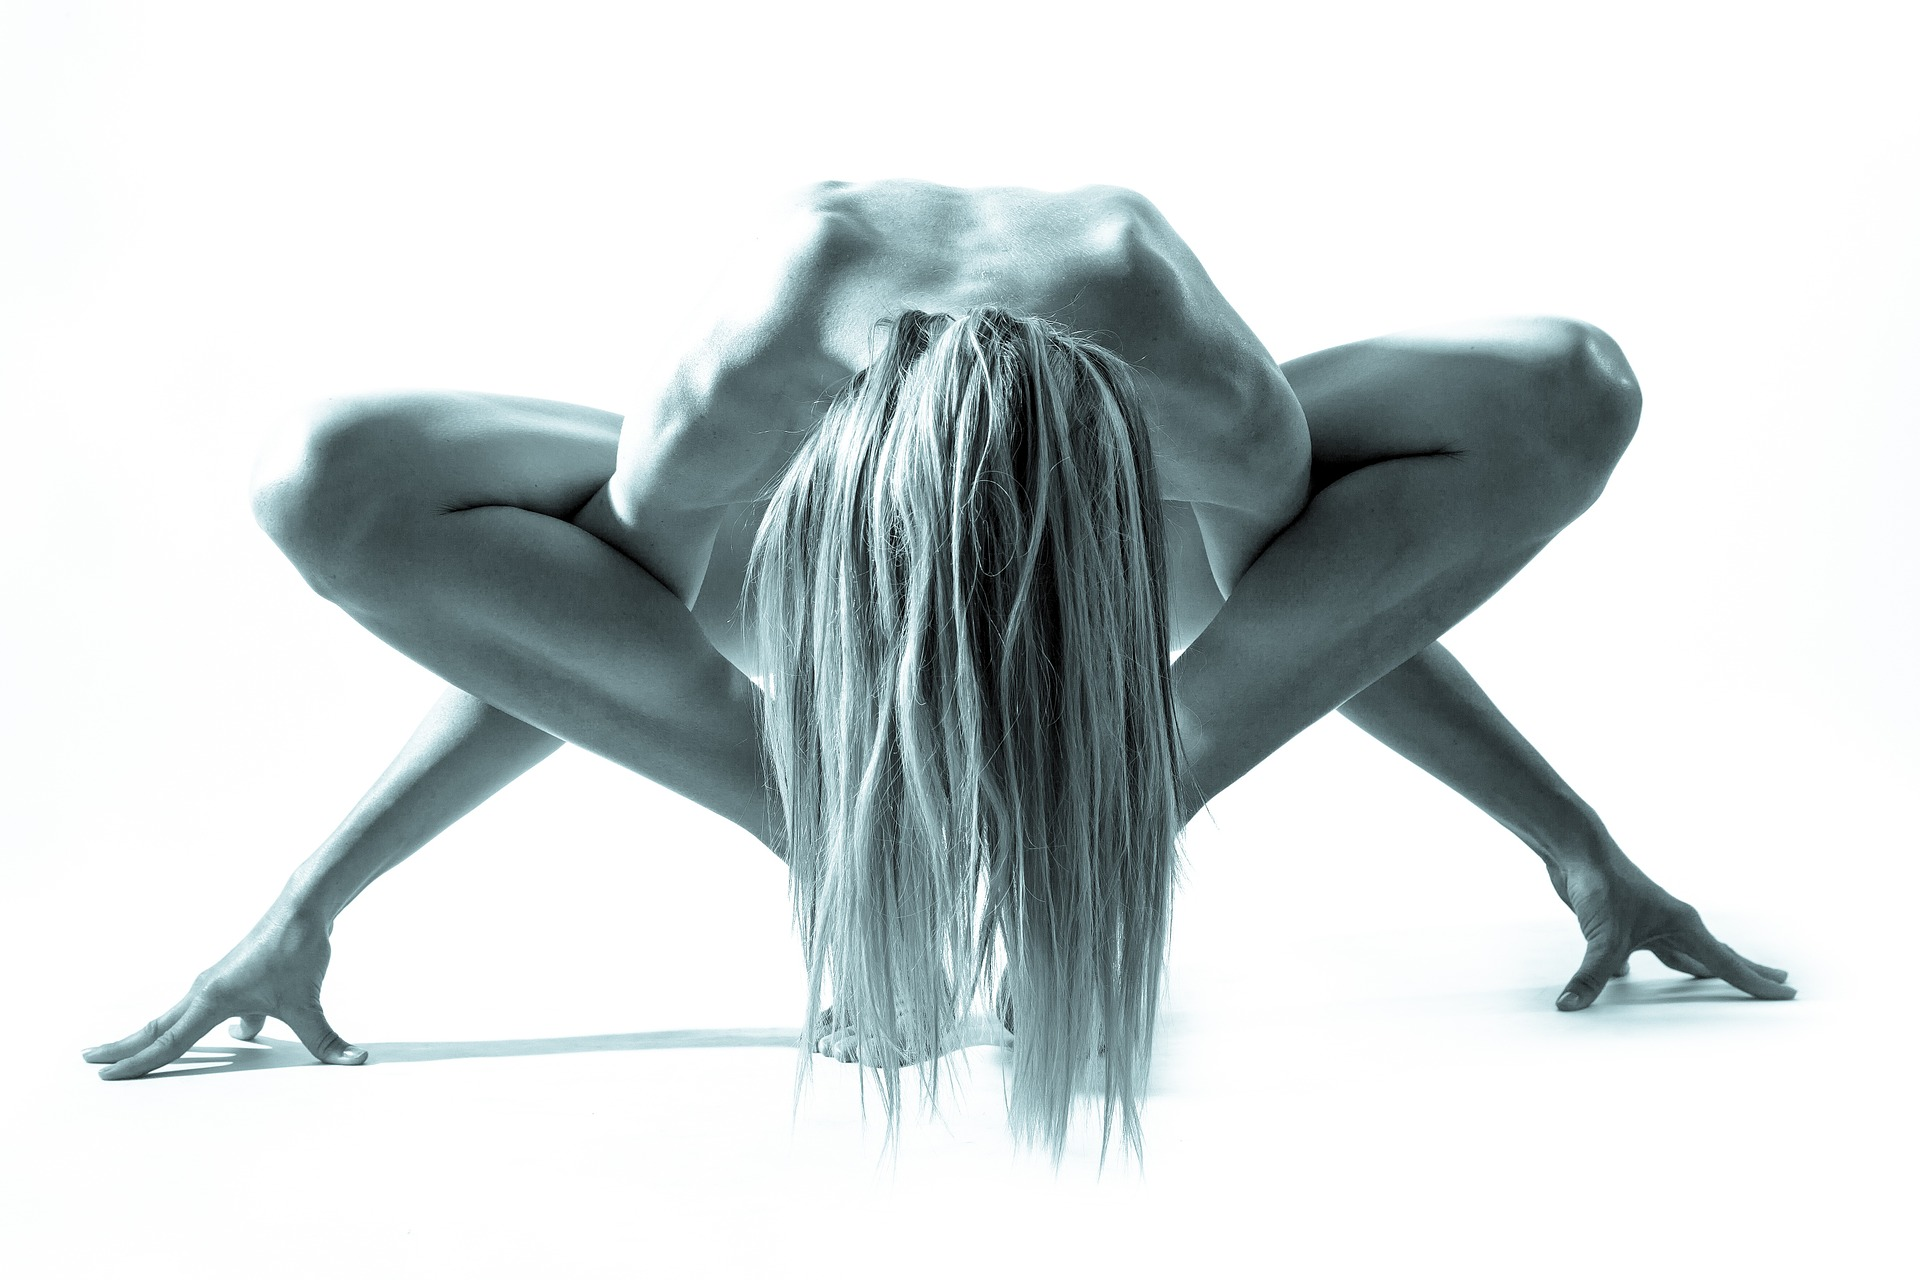 Cesta ke svobodné mysli skrze tělo a pohyb